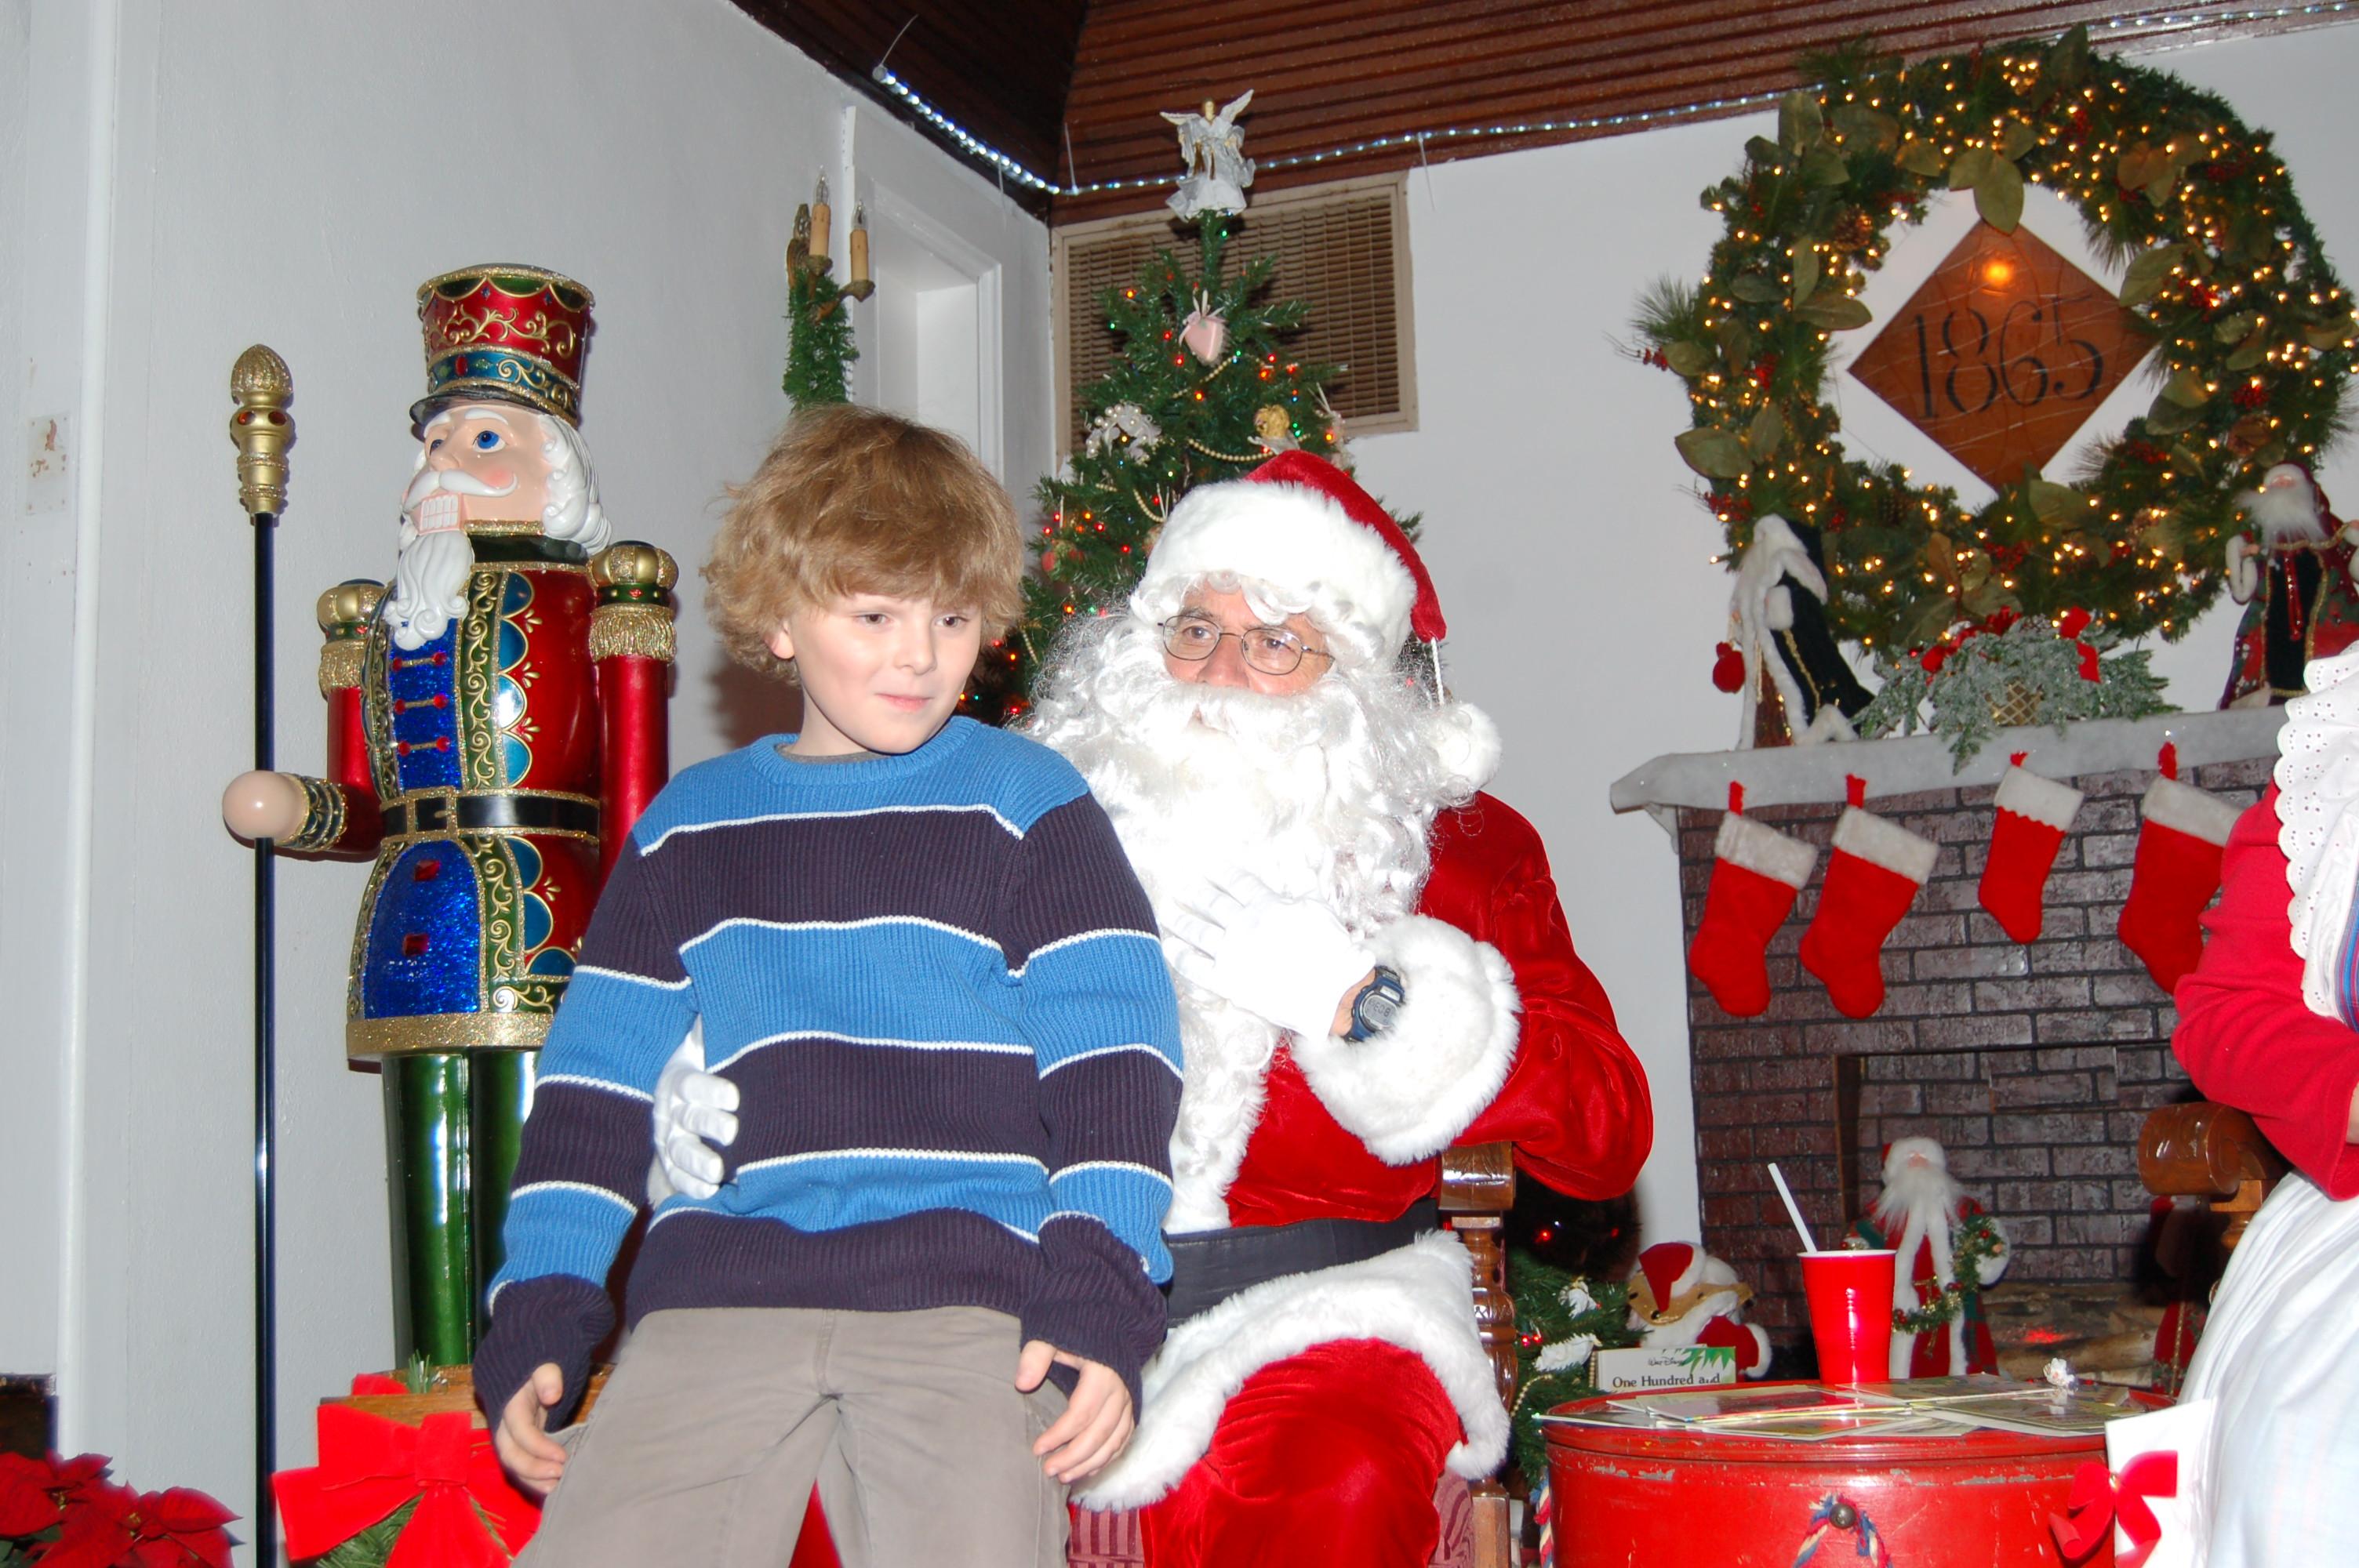 LolliPop+Lane+12-12-2008+Picture+042.jpg